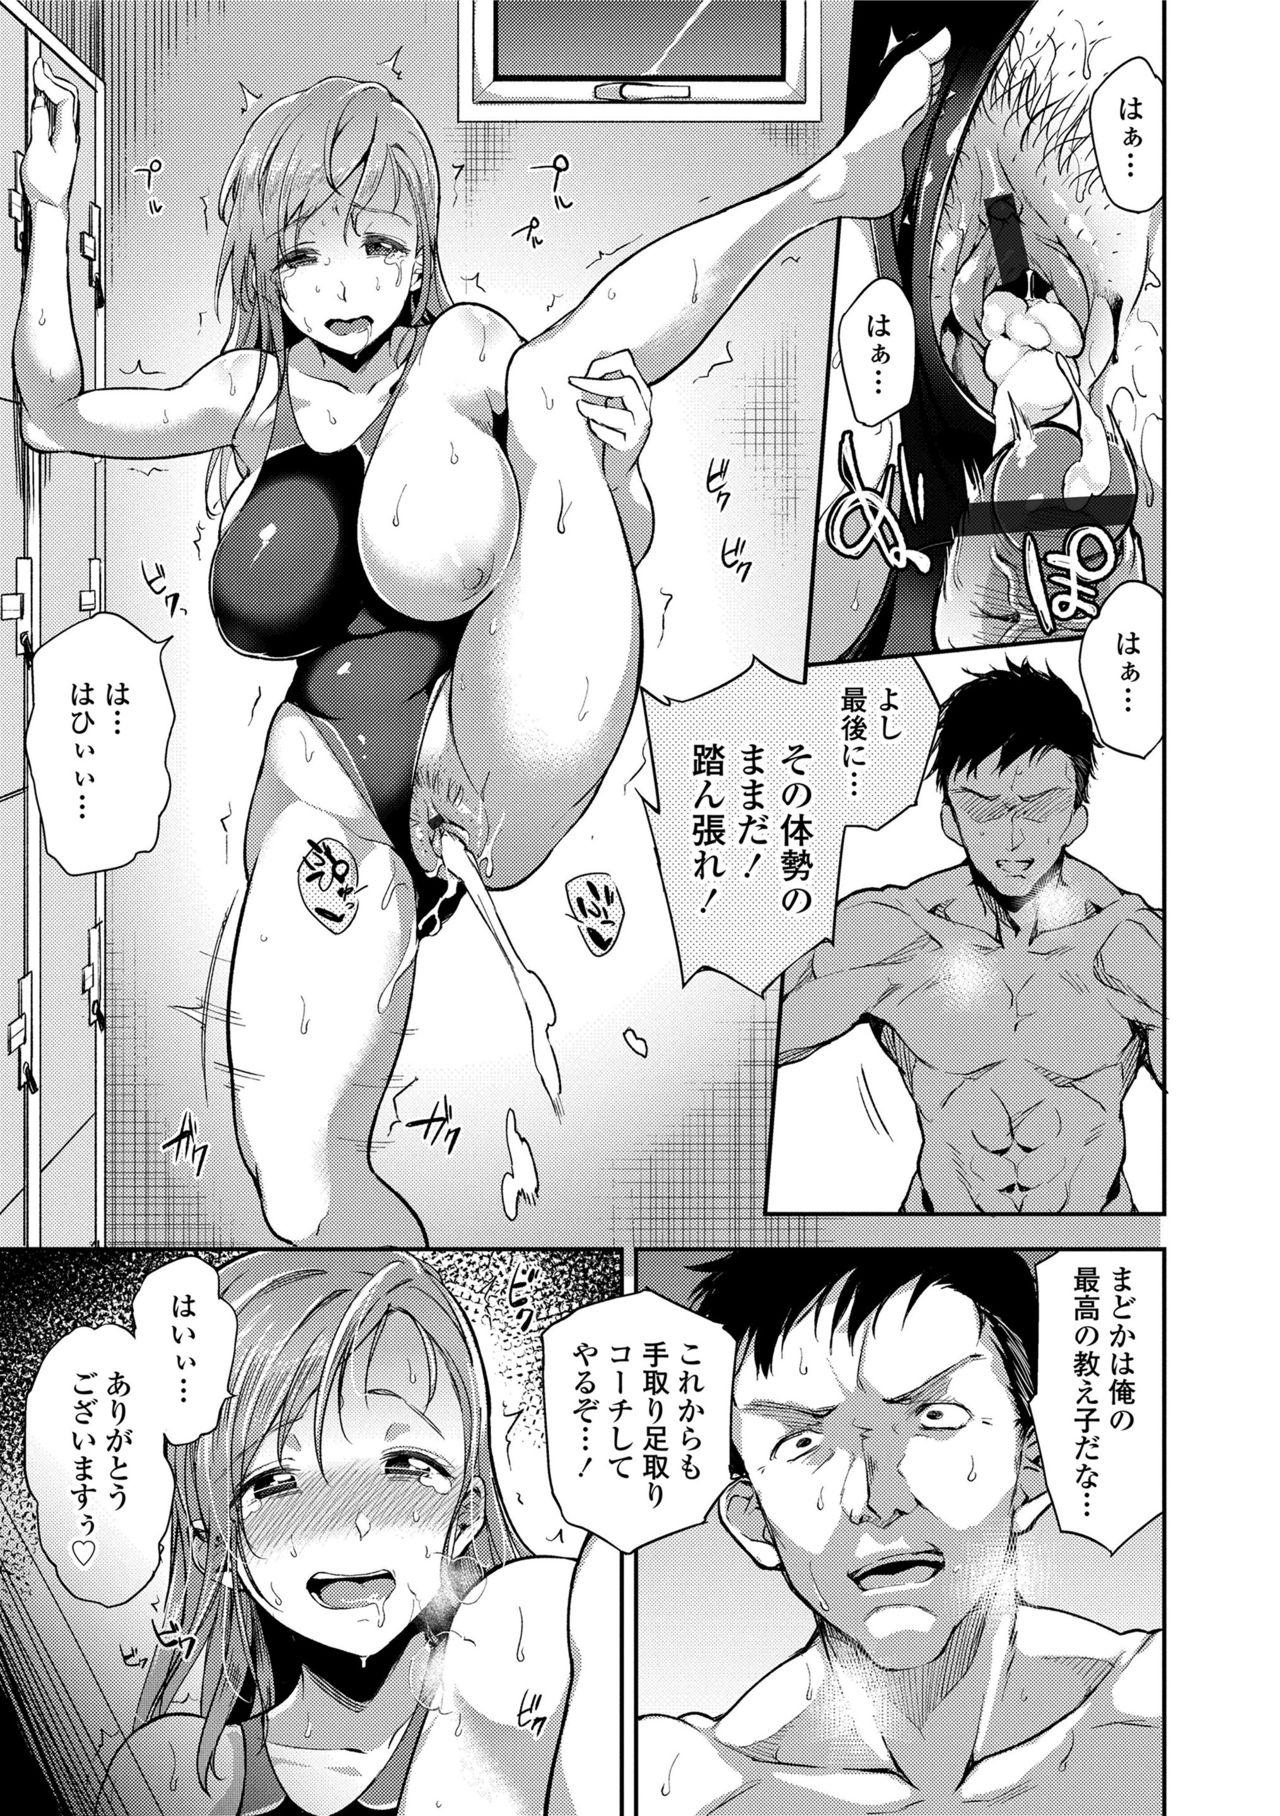 Ai ga Nakutemo Ecchi wa Dekiru! - Even if There is No Love You Can H! 144